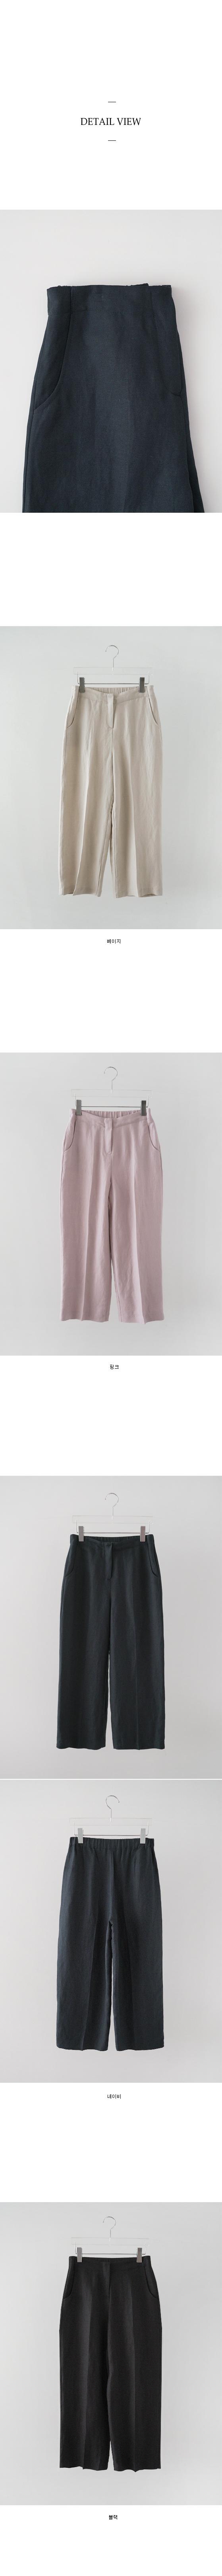 calm mood banding pants